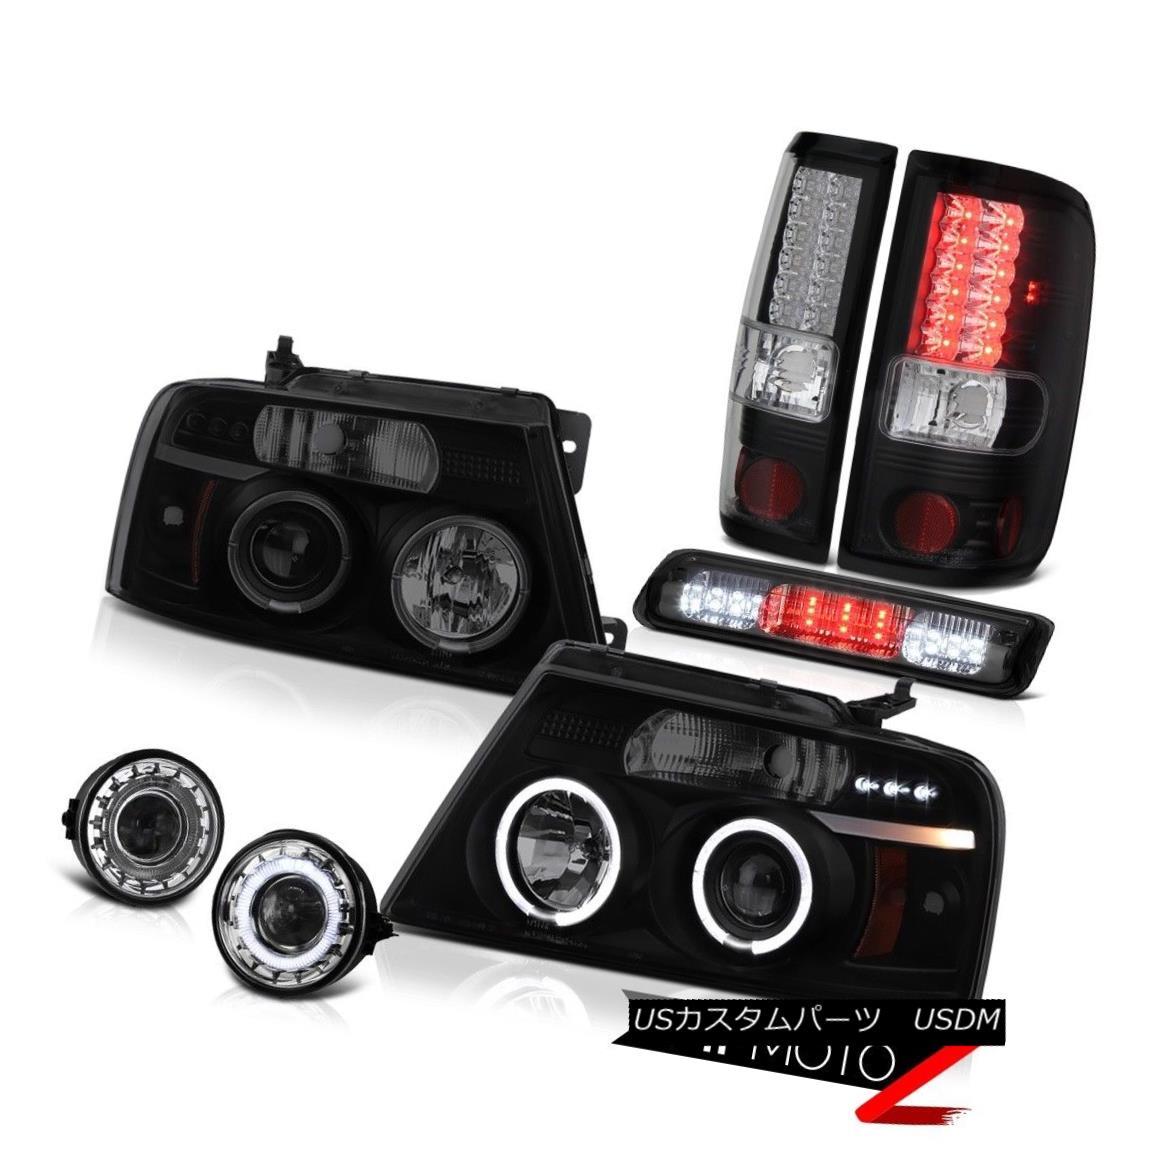 """テールライト 06 07 08 Ford F150 FX4 Foglights 3rd Brake Lamp Headlamps Taillights """"Brightest"""" 06 07 08フォードF150 FX4フォグライト第3ブレーキランプヘッドライト晴れ """"明るい"""""""